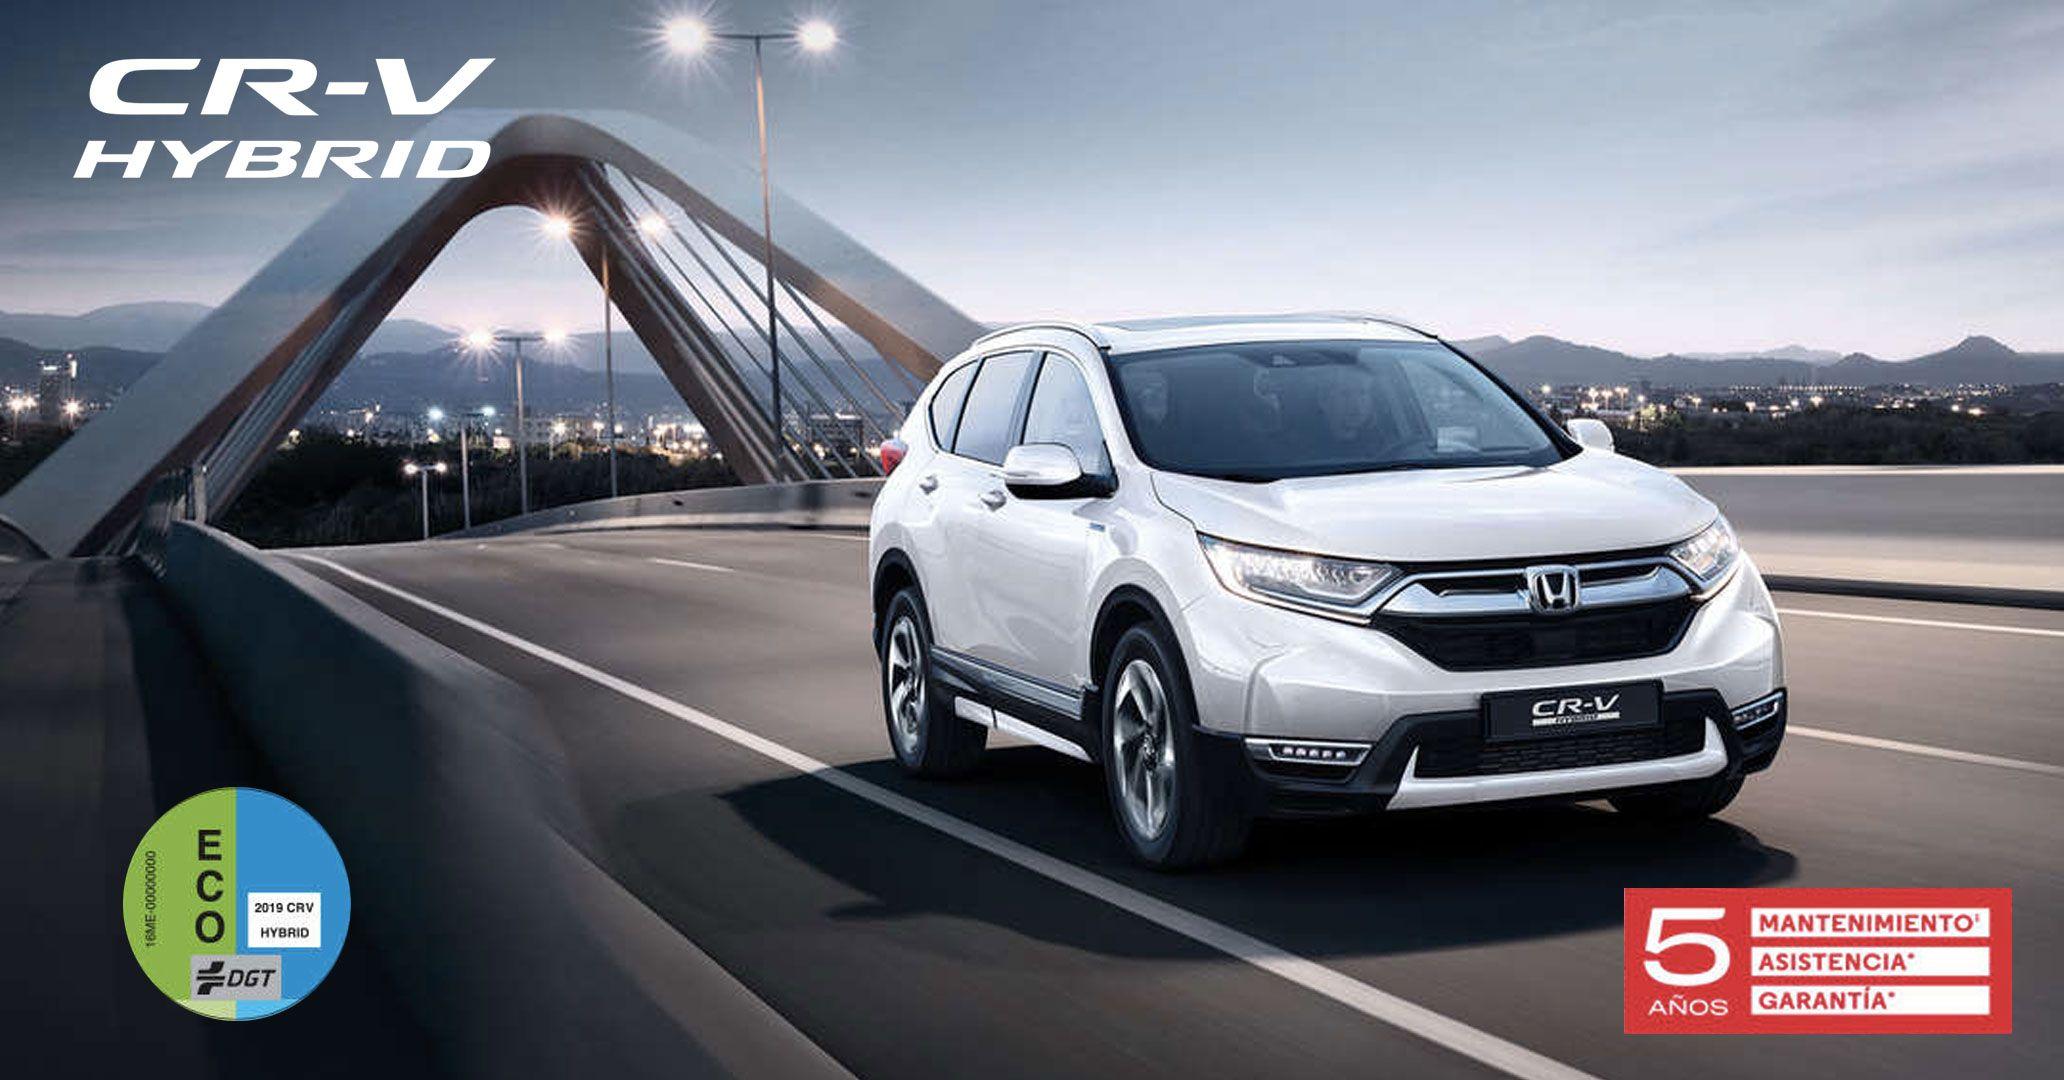 Nuevo Honda CR-V Híbrido desde 295€*al mes